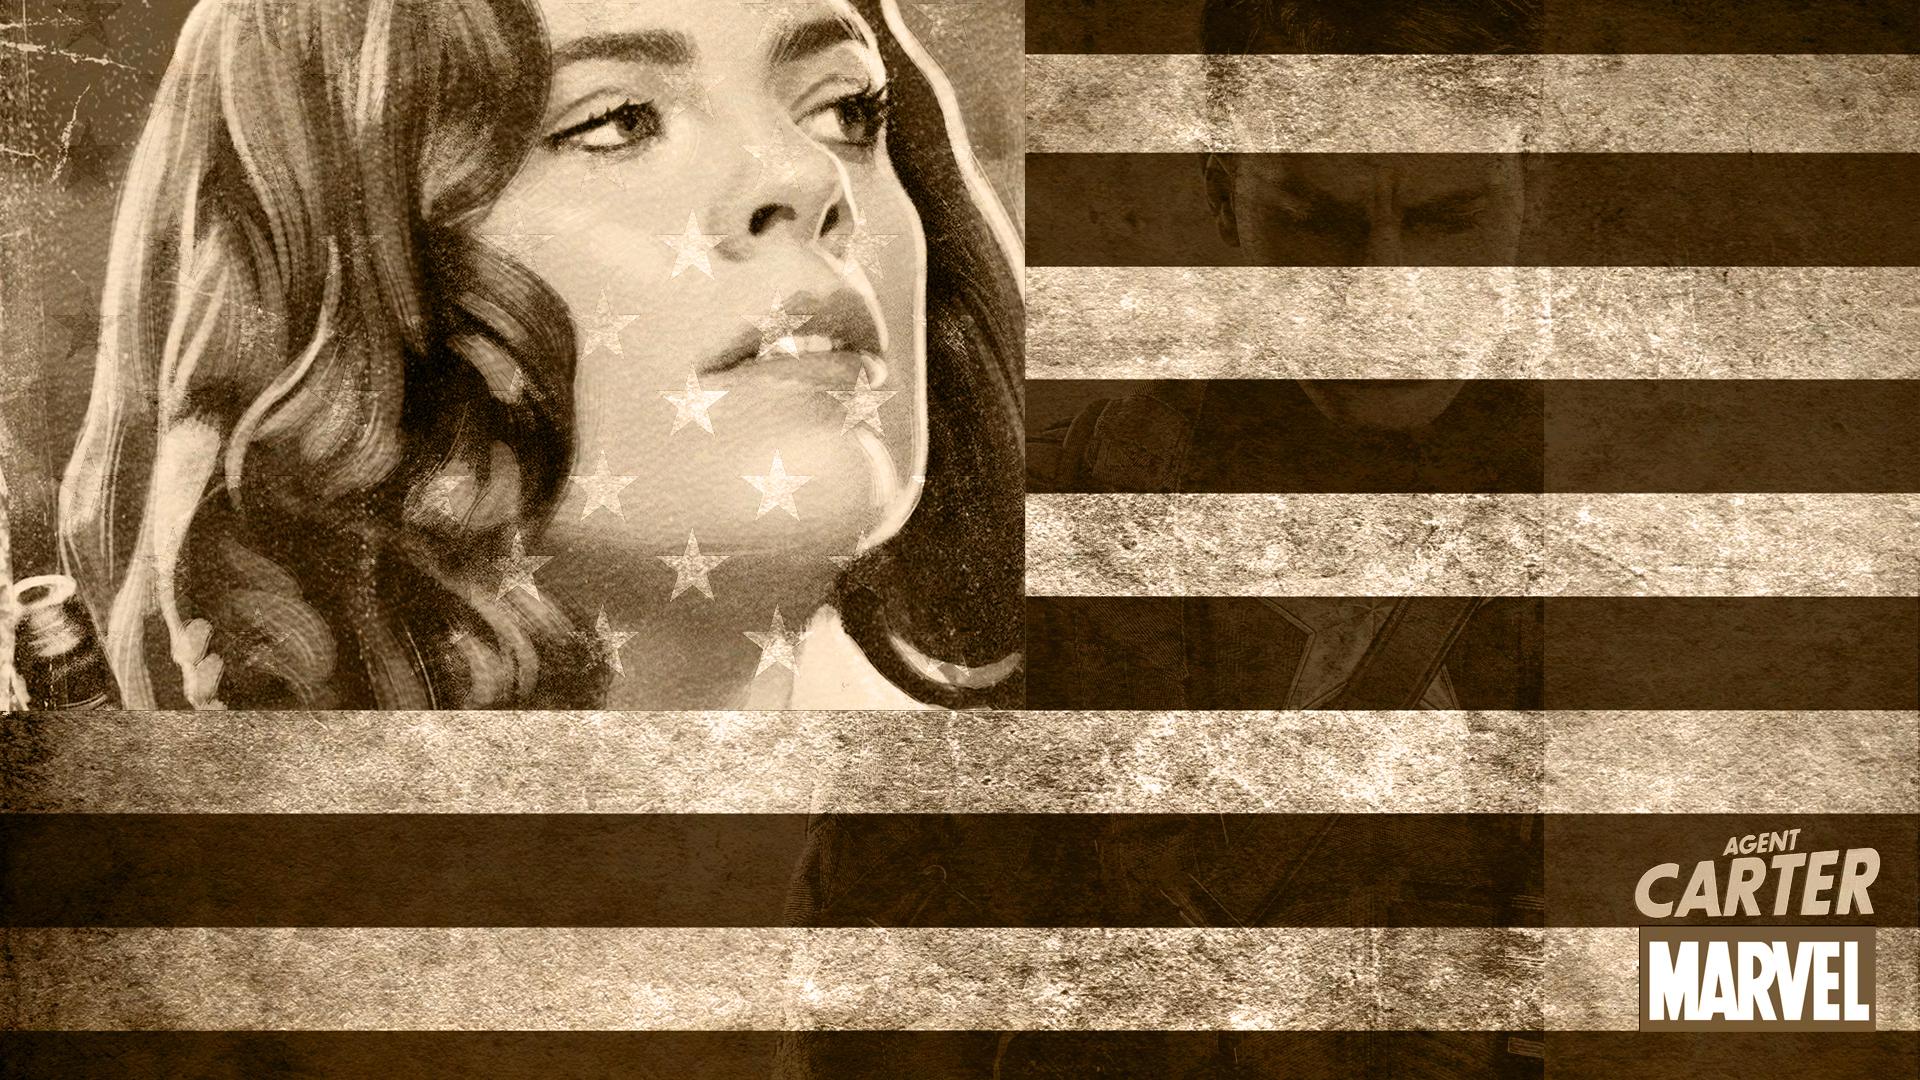 Agent Carter wallpaper 5